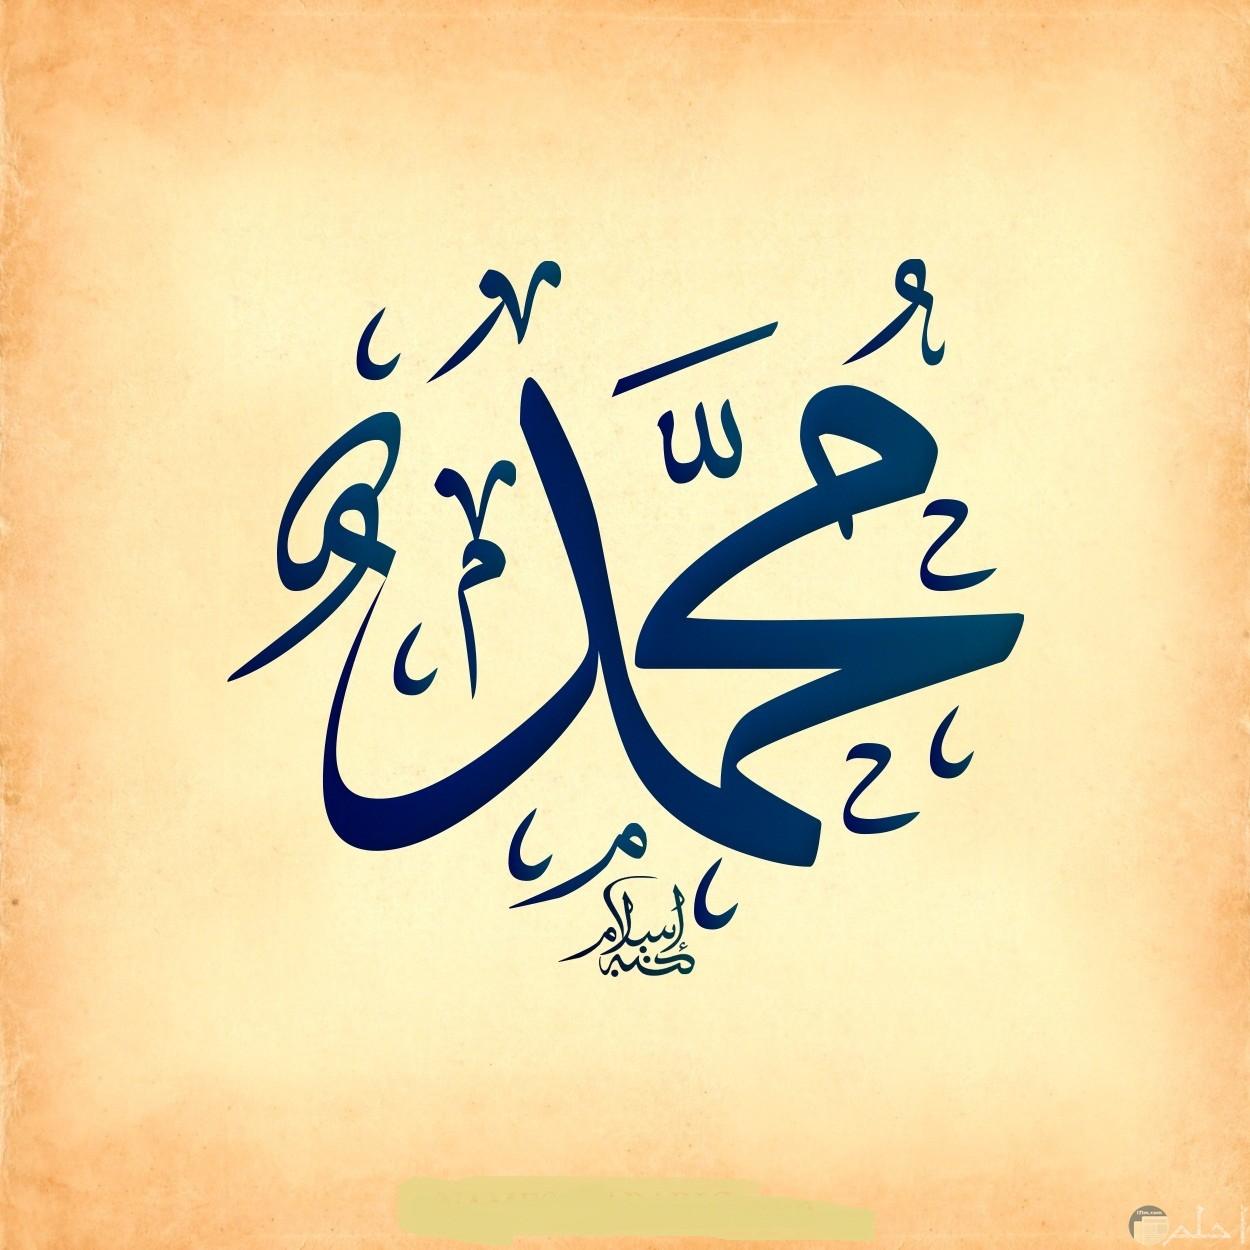 محمد إسم و صفة.